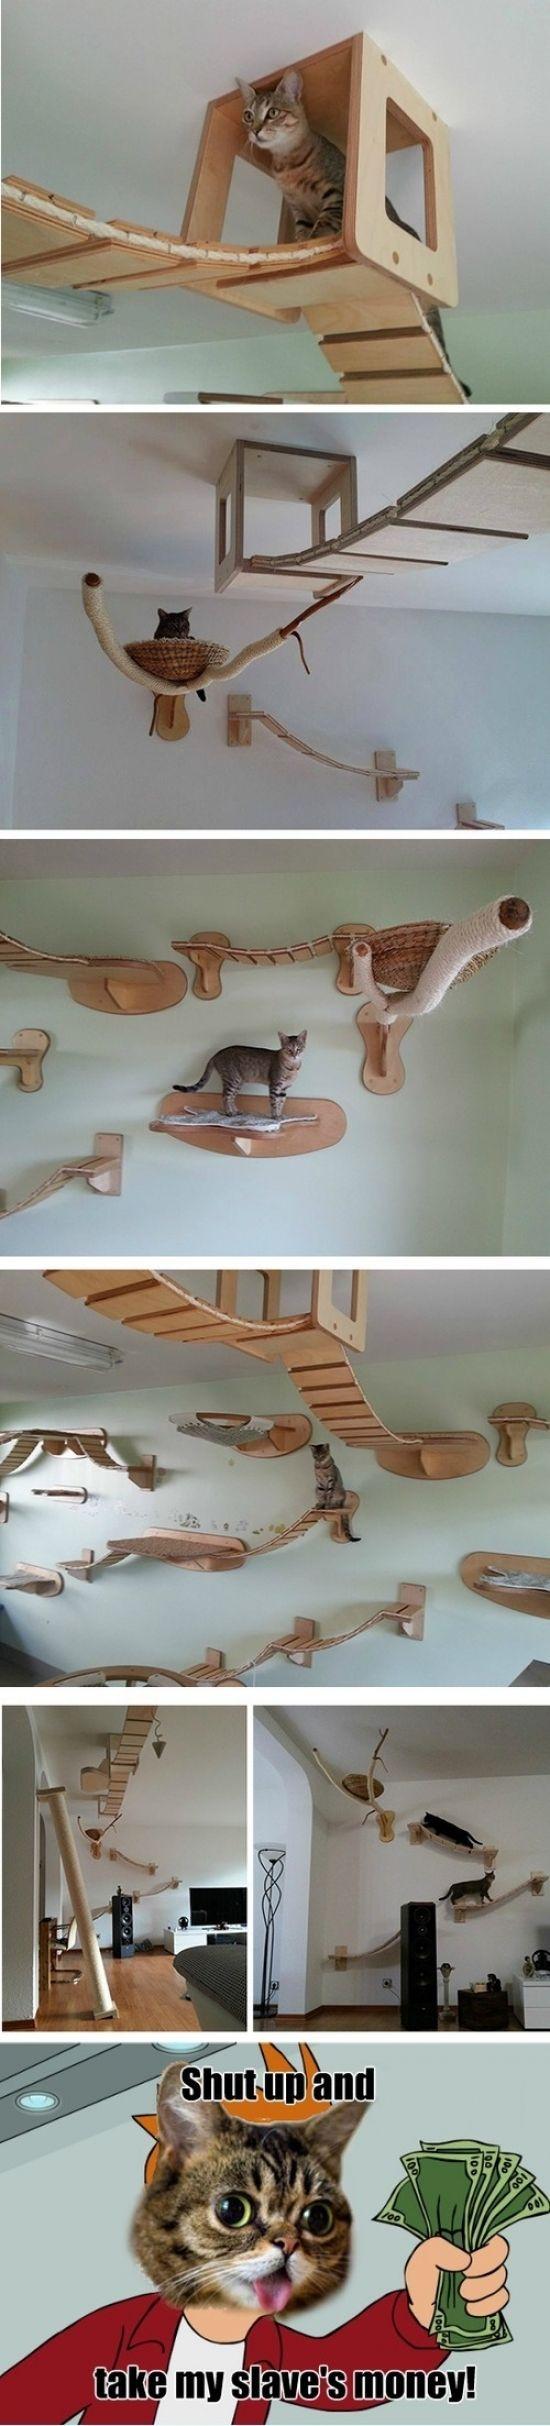 Paraíso de los gatos                                                                                                                                                                                 Más